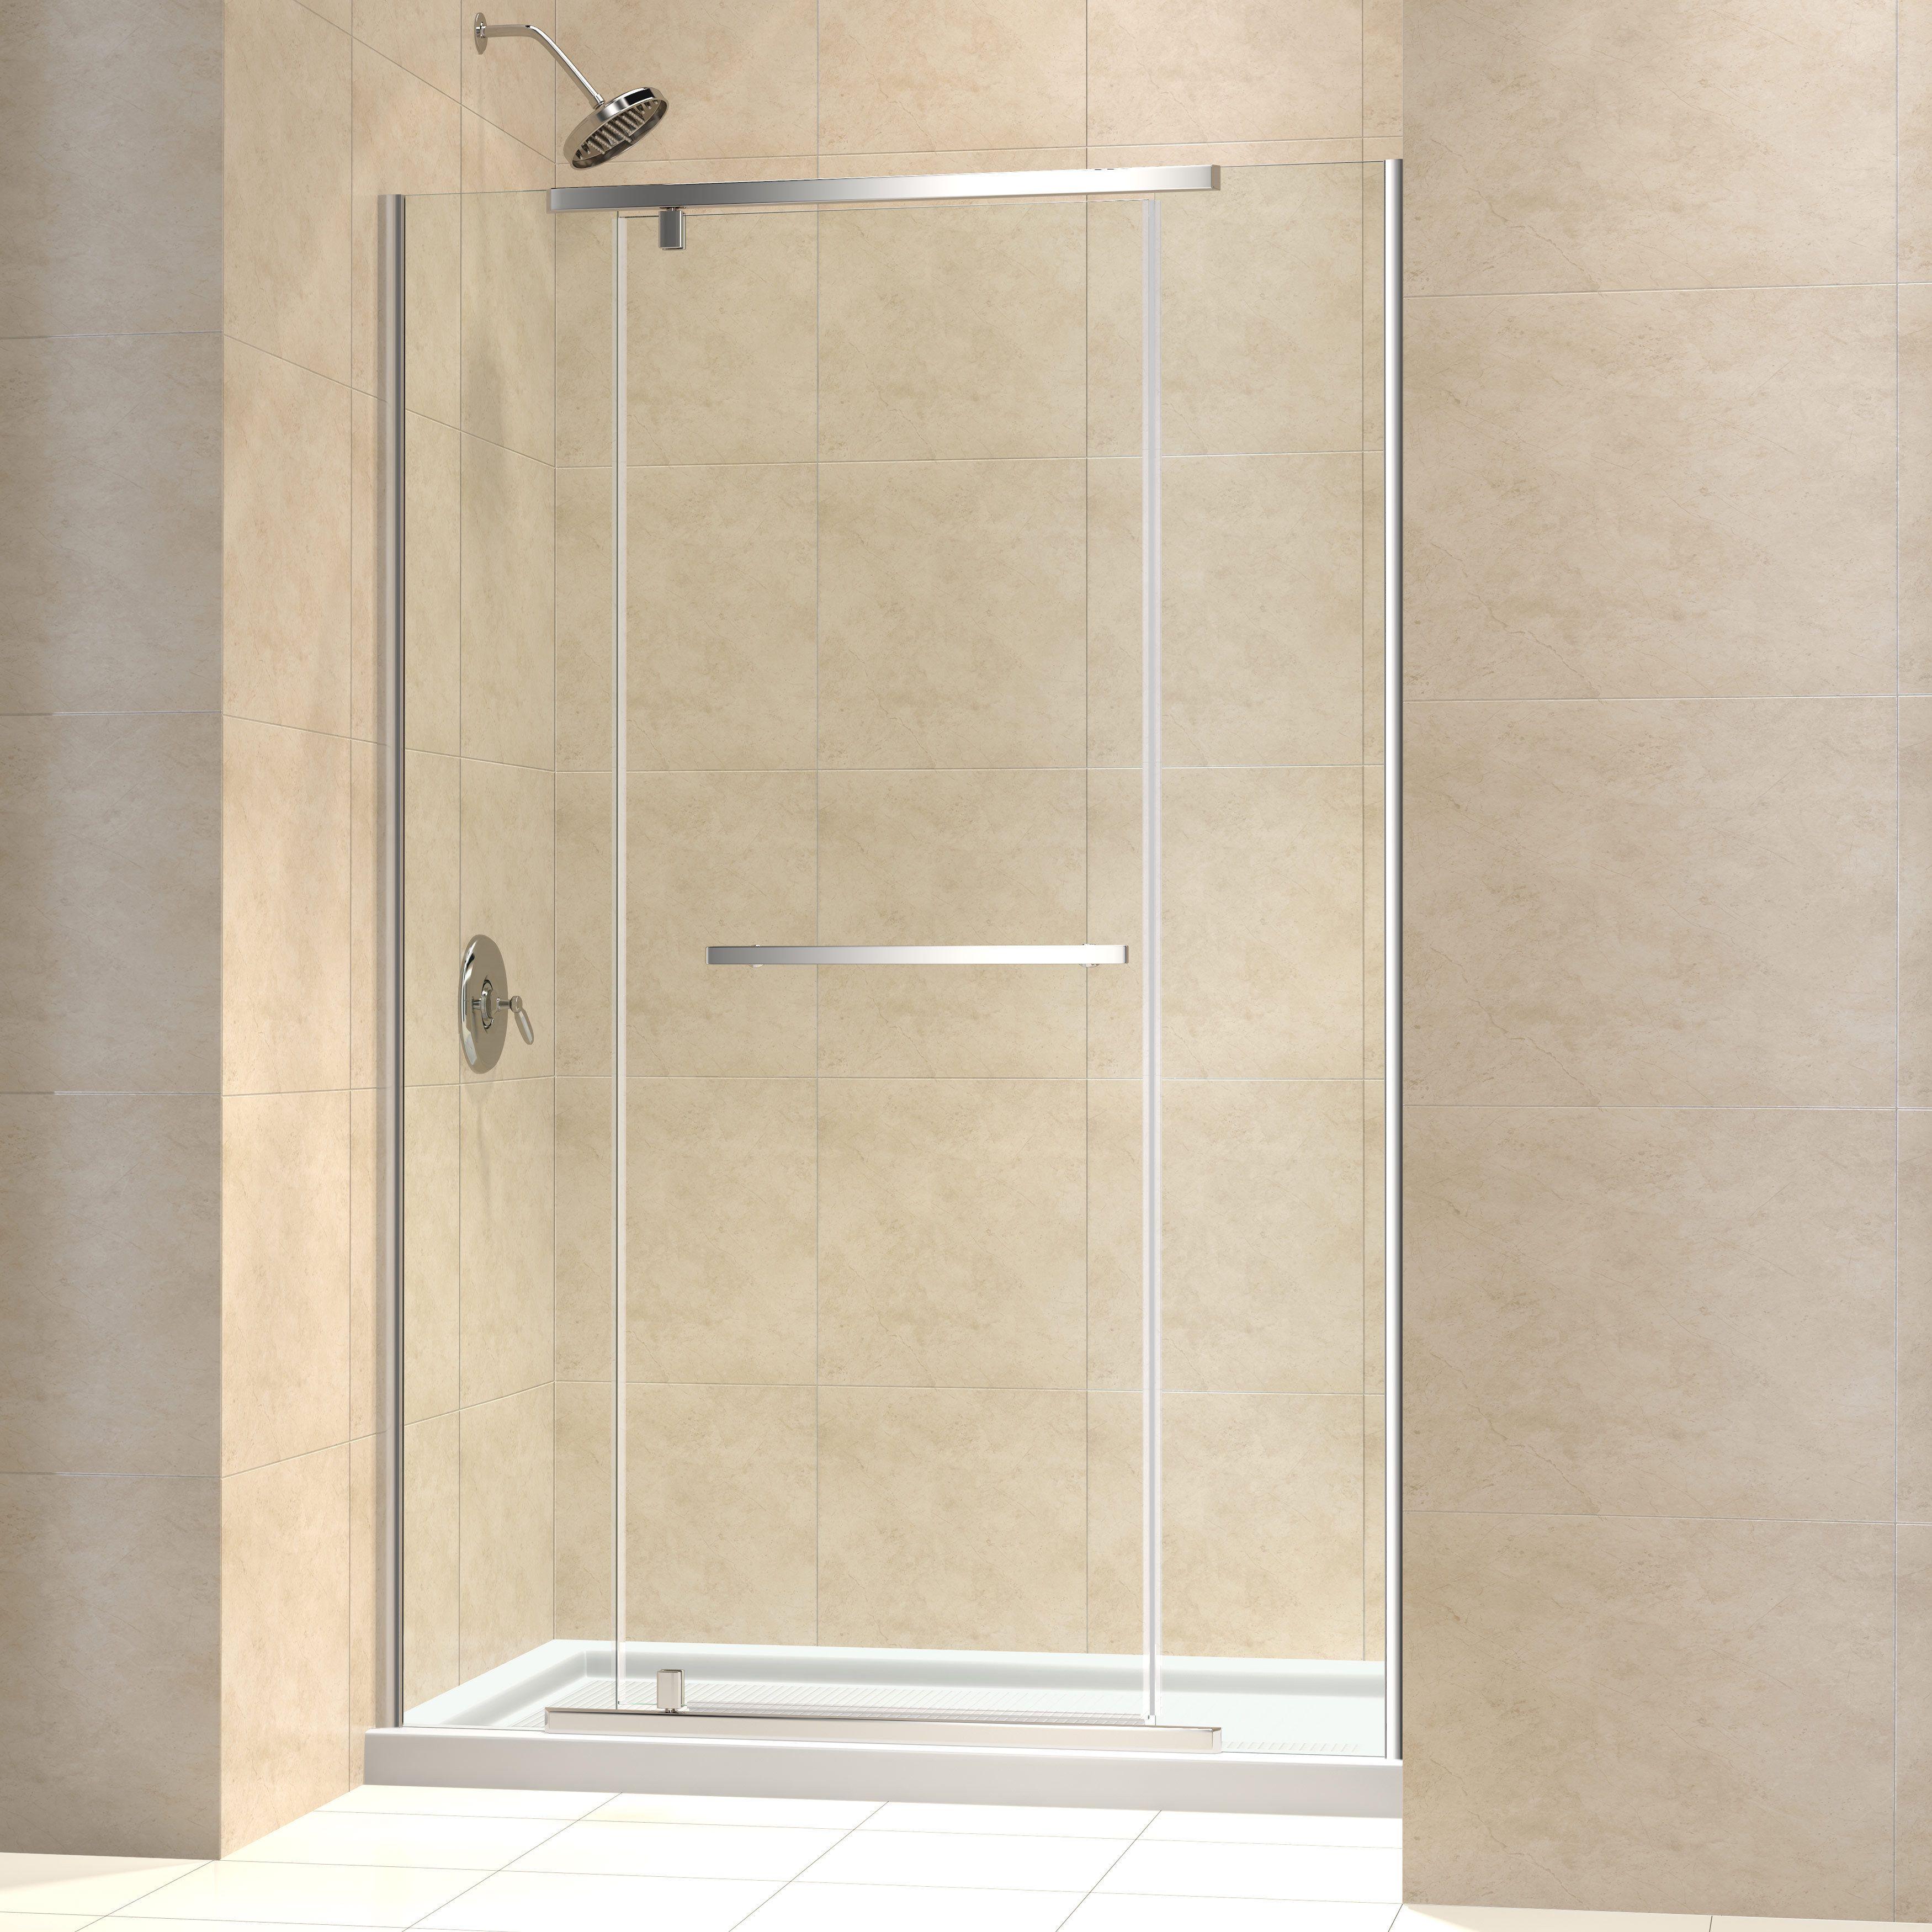 Dreamline Vitreo X Frameless Pivot Shower Door And Slimline 36 In